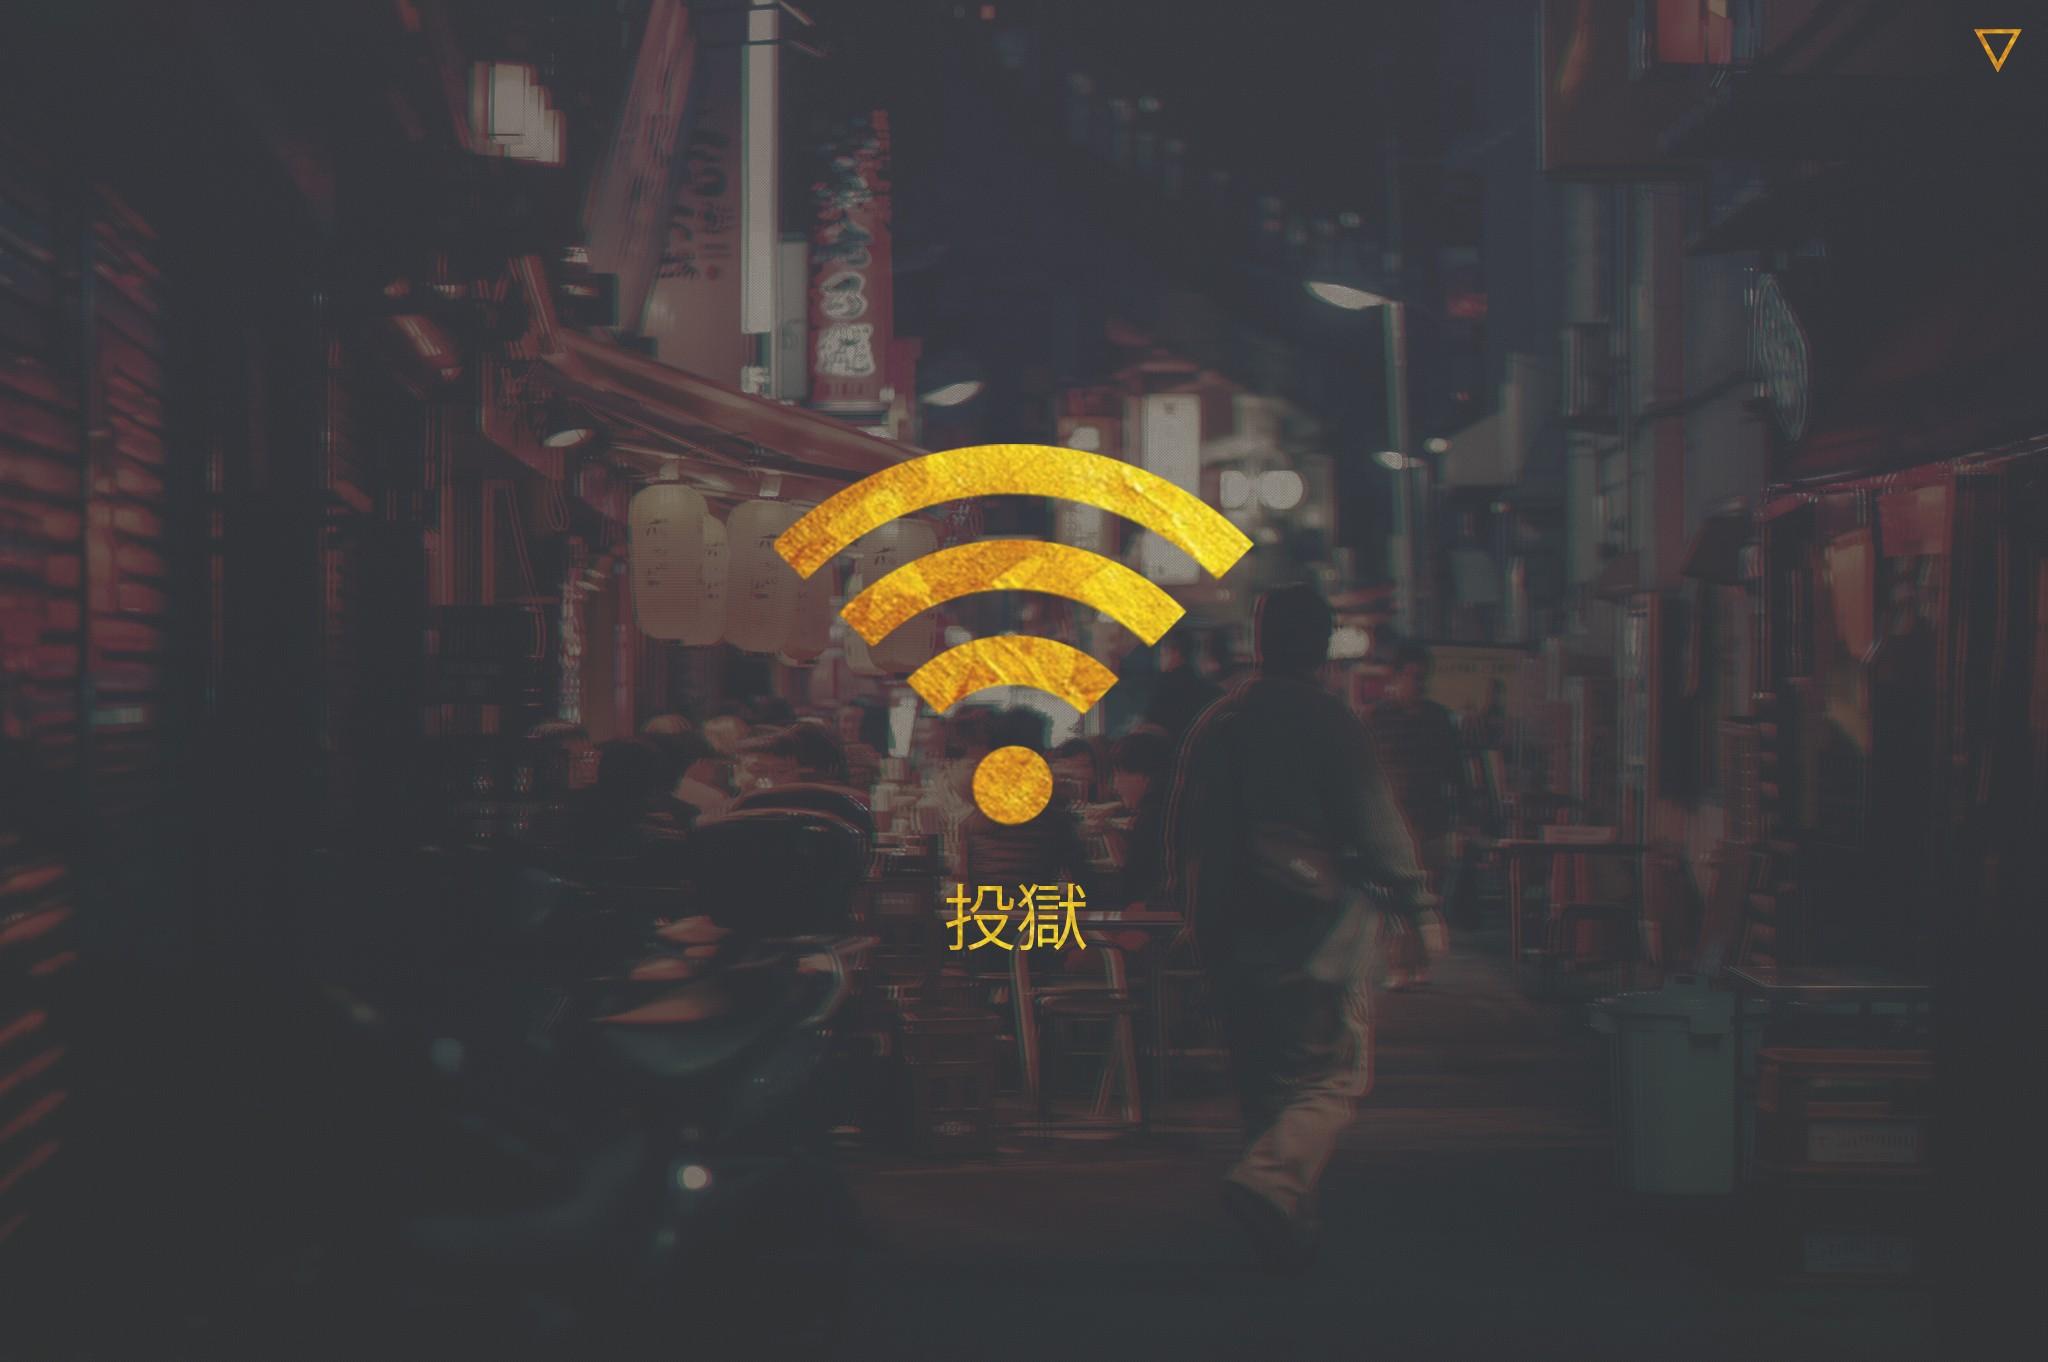 Imagini de fundal : ilustrare, noapte, simboluri, Wifi